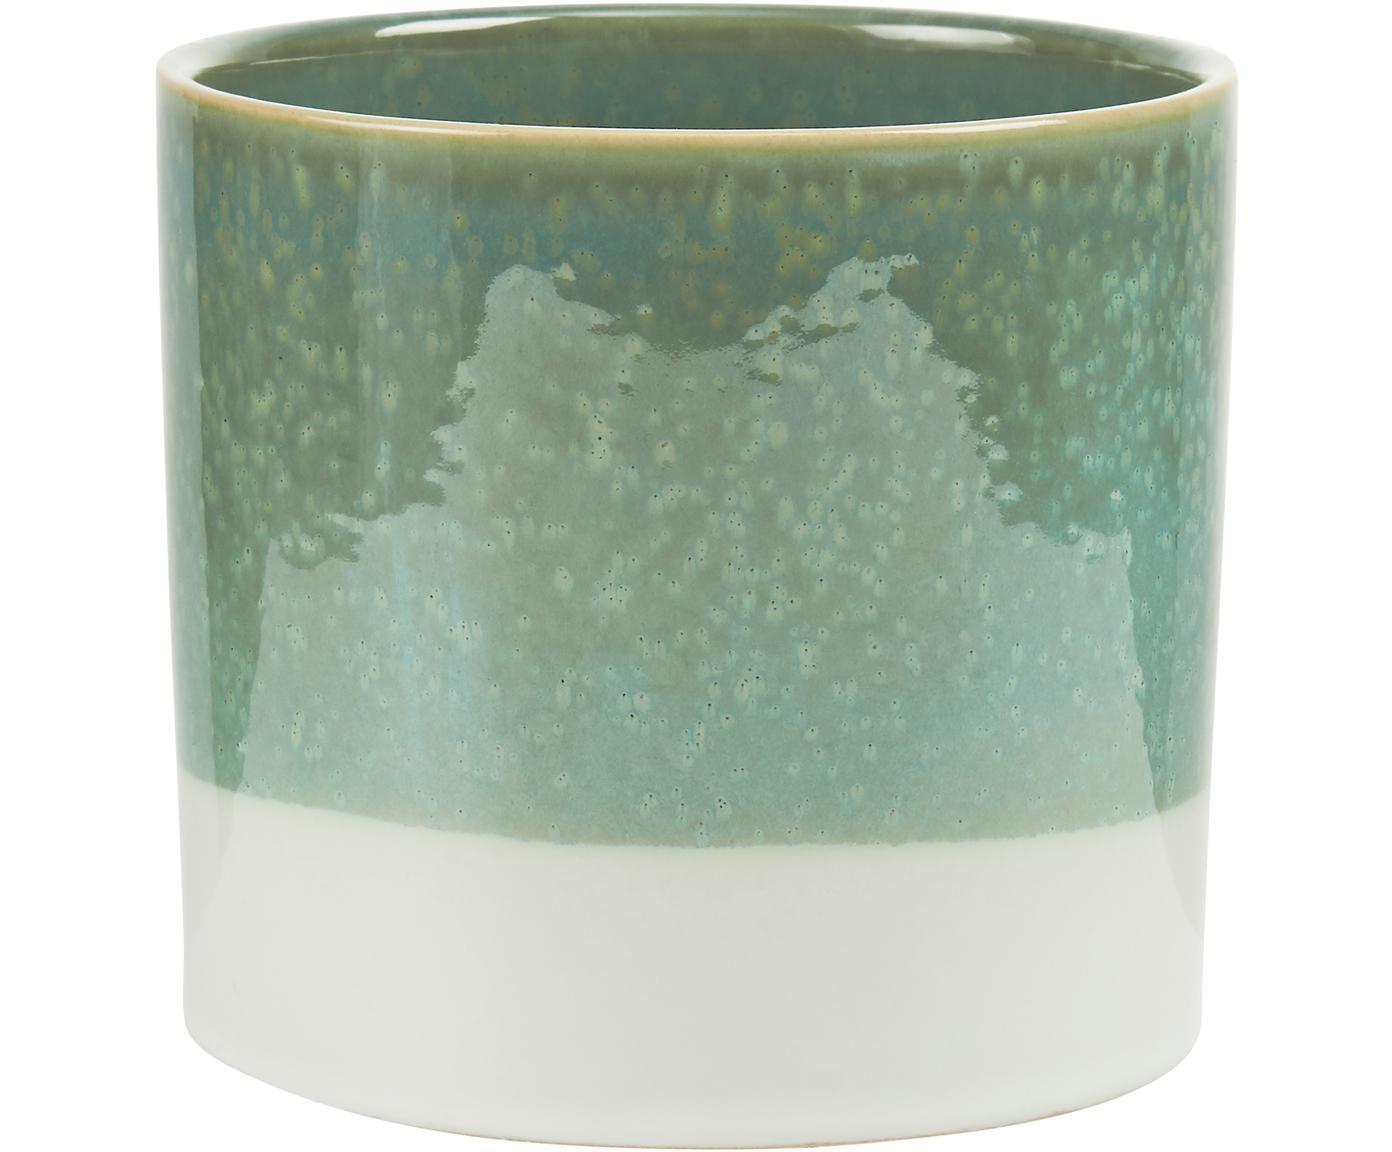 Macetero Early Spring, Gres, Verde, blanco, Ø 14 x Al 13 cm